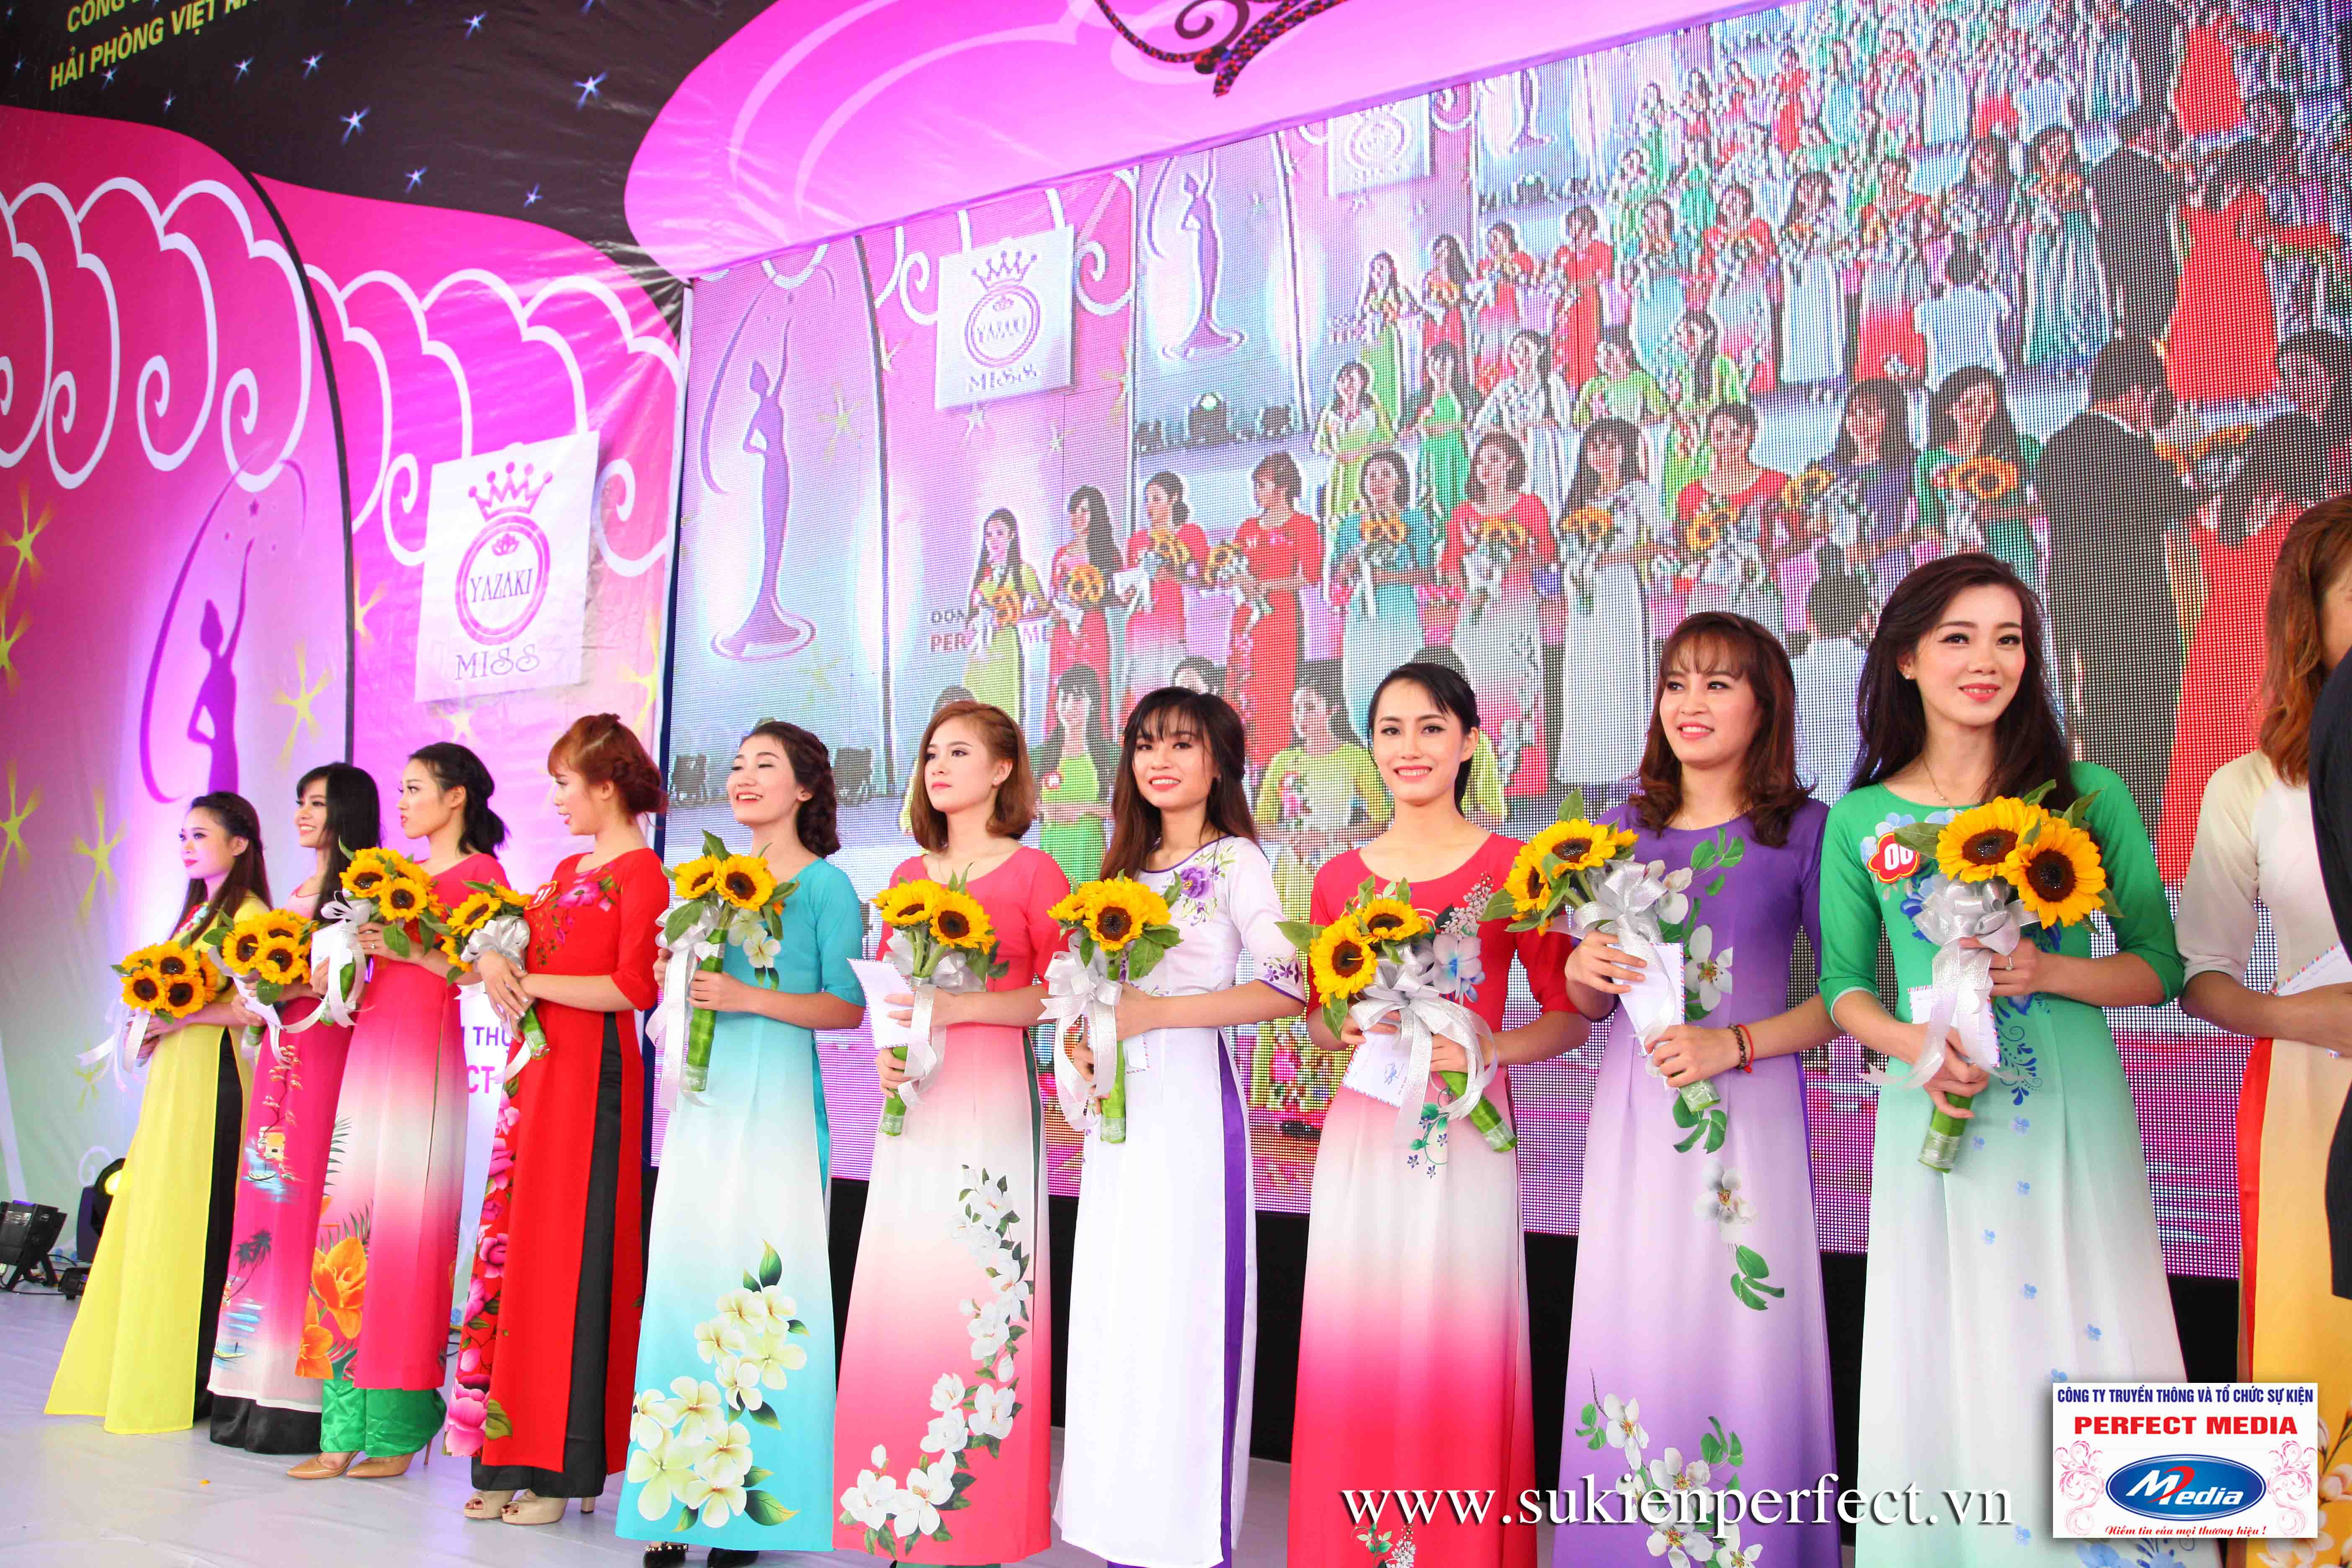 Hình ảnh các người đẹp trong sự kiện Người đẹp Yazaki Quảng Ninh 2016 (Màn đăng quang) - 07